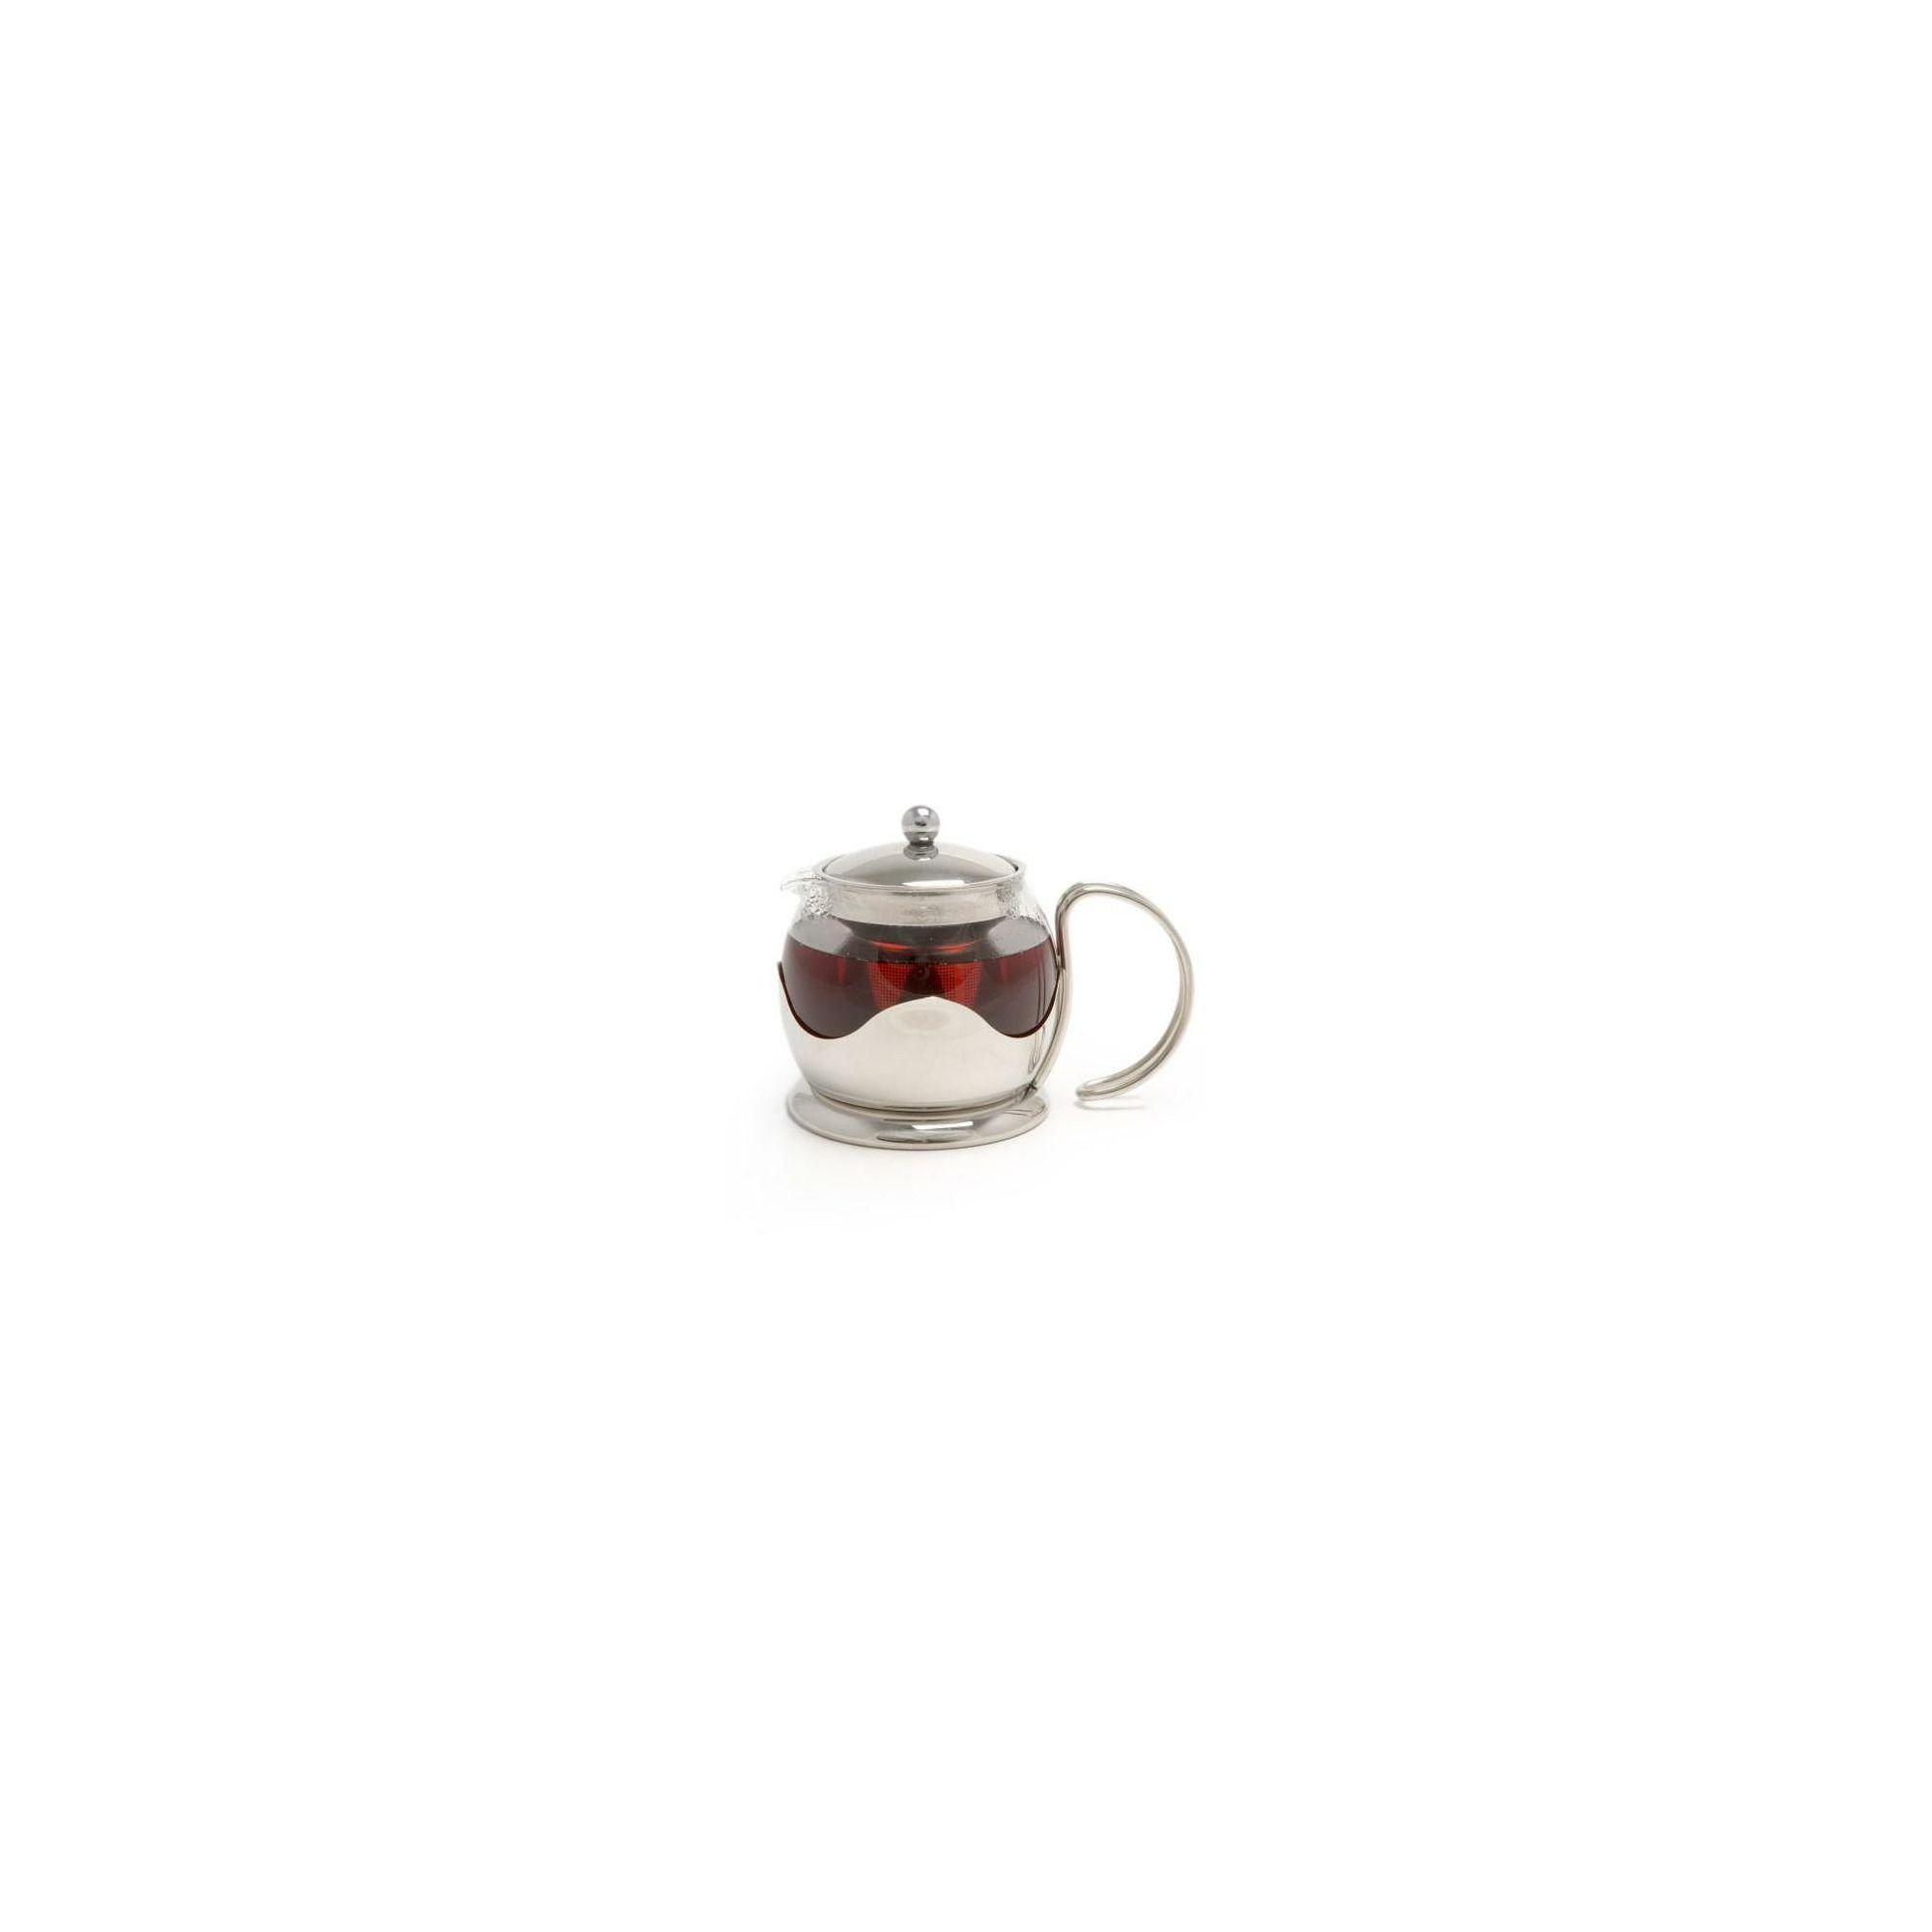 La Cafetiere Le Teapot 4 Cup Stainless Steel Teapot